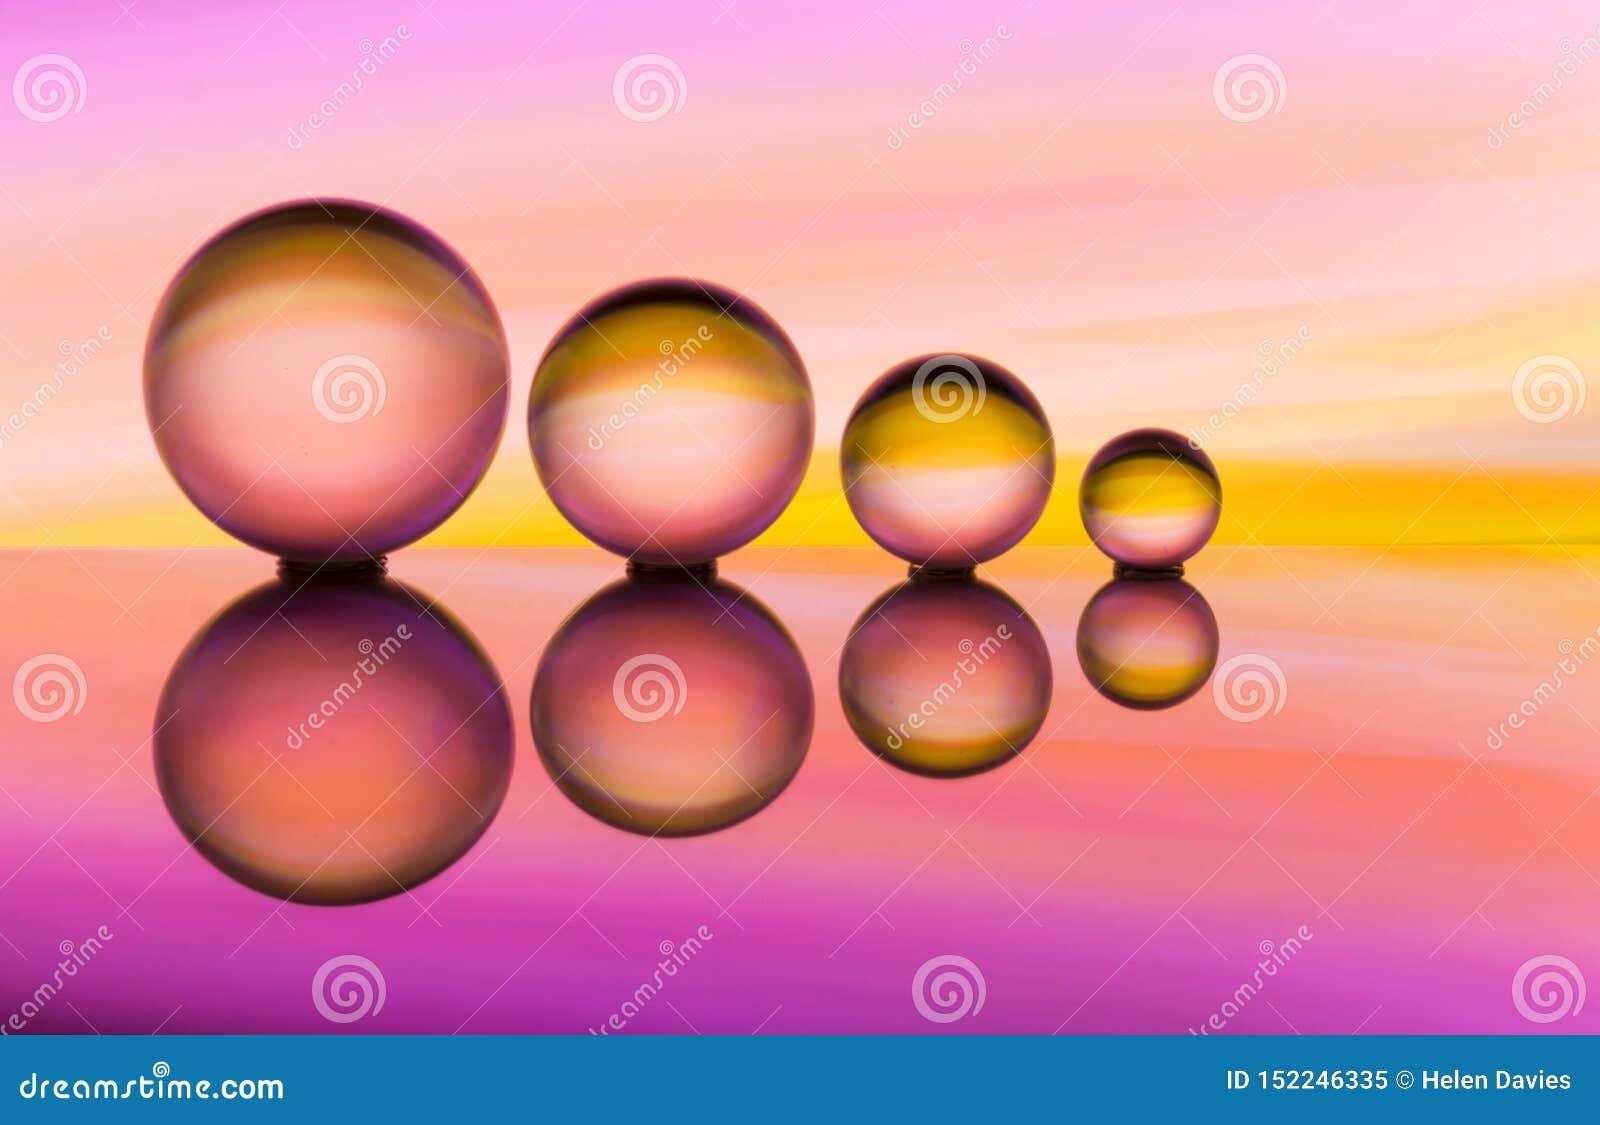 Τέσσερις σφαίρες κρυστάλλου σε μια σειρά με τις ζωηρόχρωμες ραβδώσεις του ουράνιου τόξου χρωματίζουν πίσω από τους